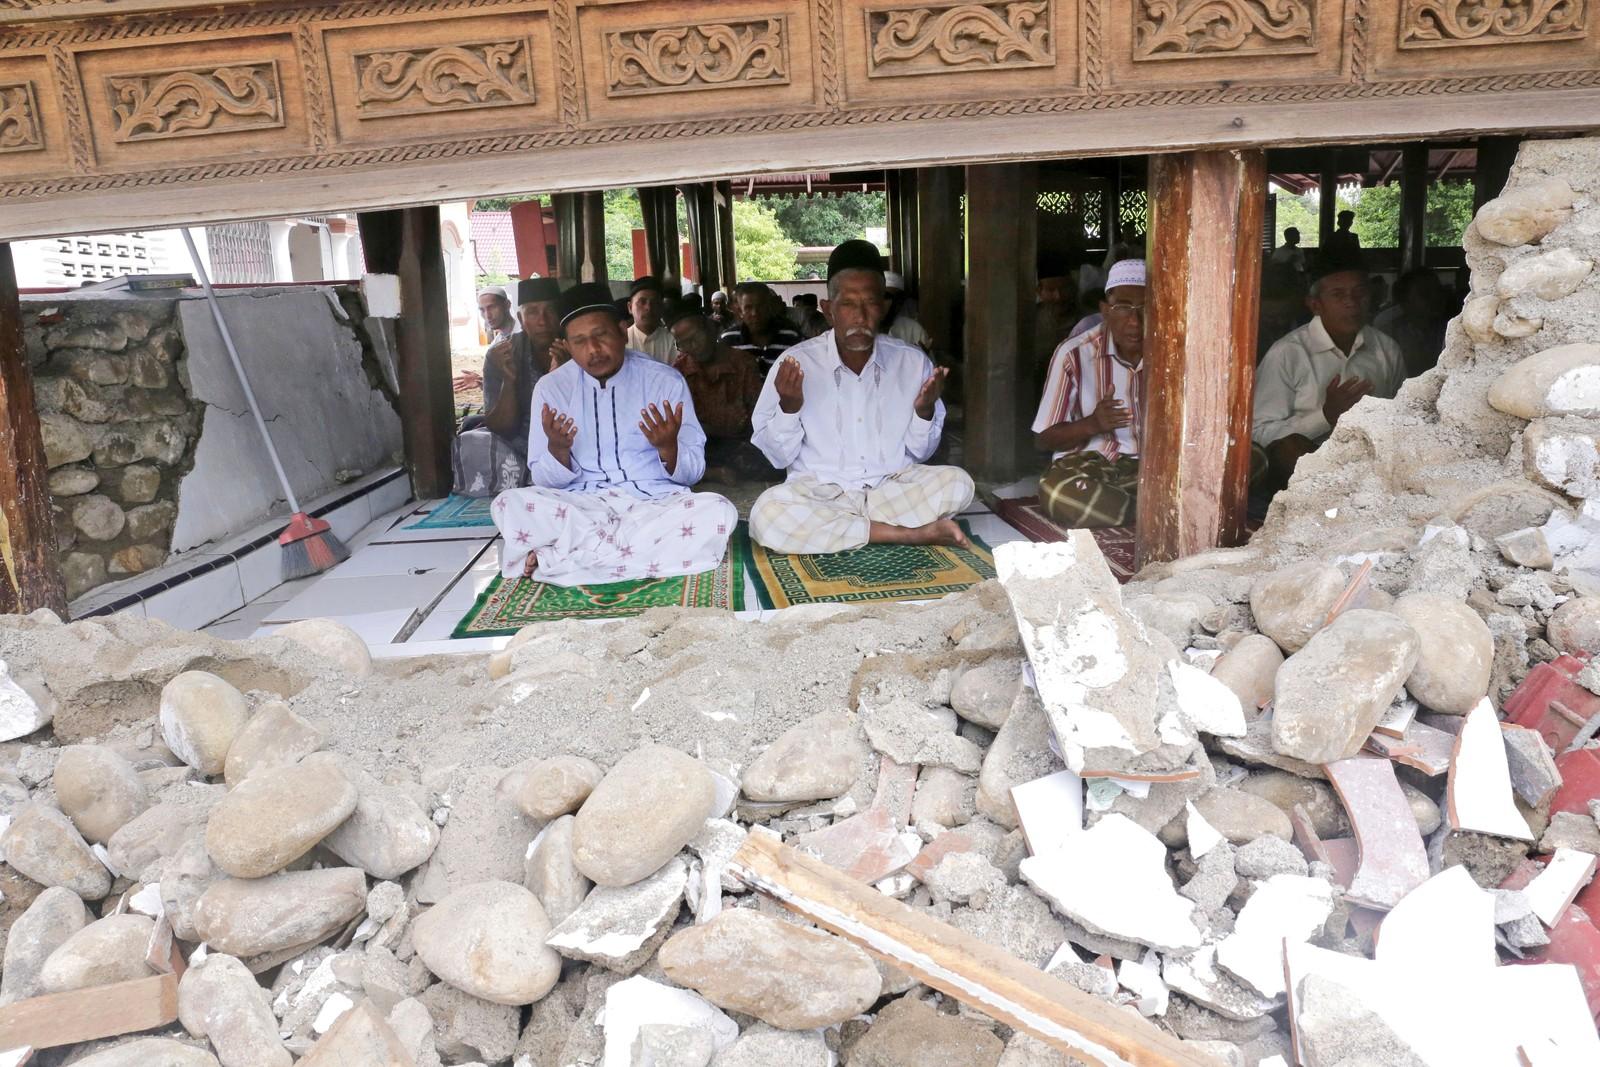 Et jordskjelv førte til store ødeleggelser i Ache-provinsen denne uka. Det holdt imidlertid ikke disse mennene unna morgenbønnen i moskeen.